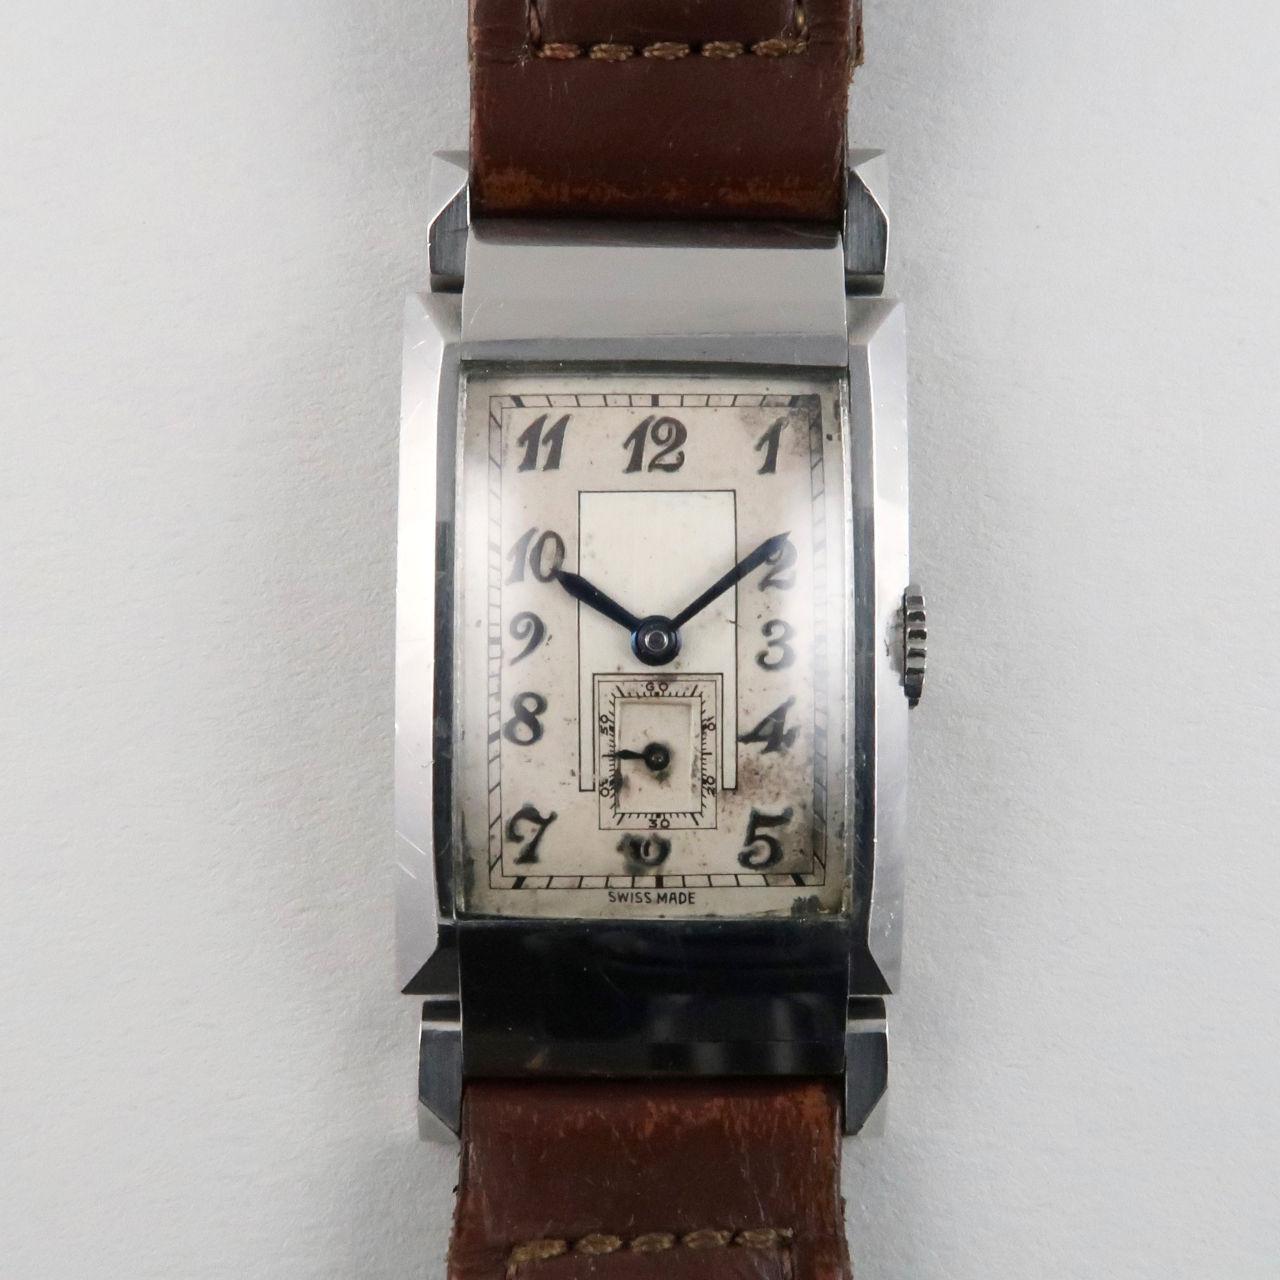 Movado Ref. 11811 steel vintage wristwatch, circa 1935